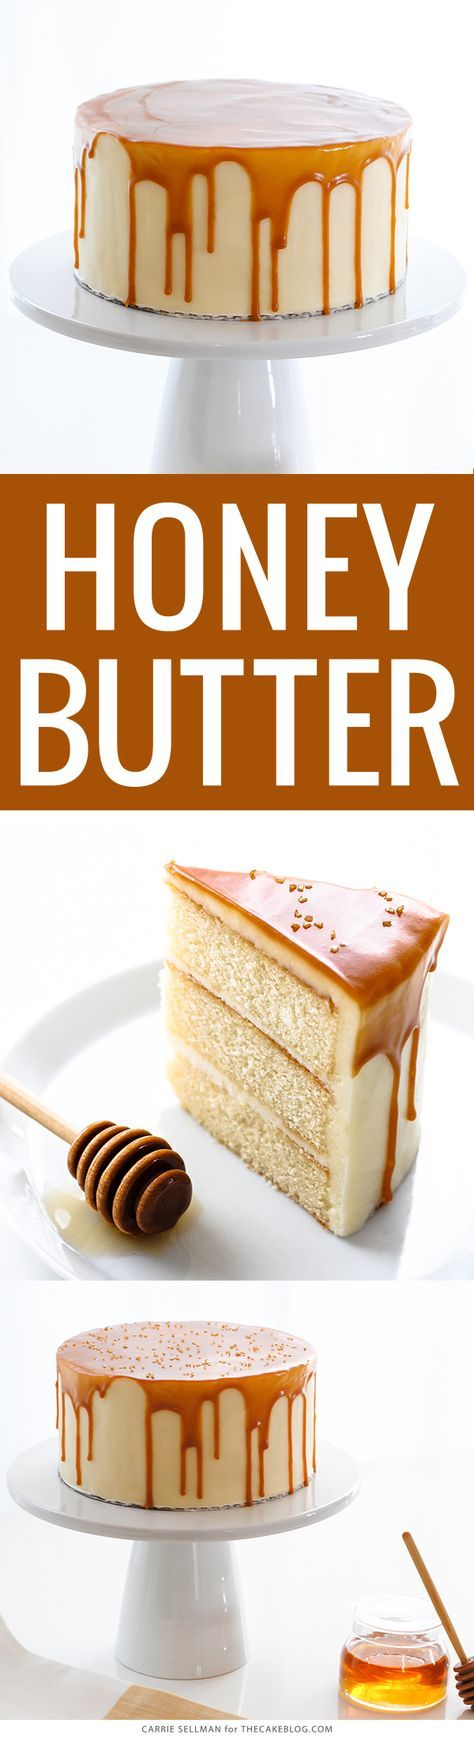 Miel Mantequilla Cake | pastel de miel con helado de miel queso merengue cubierto con un glaseado de caramelo de miel | por Carrie Sellman para TheCakeBlog.com